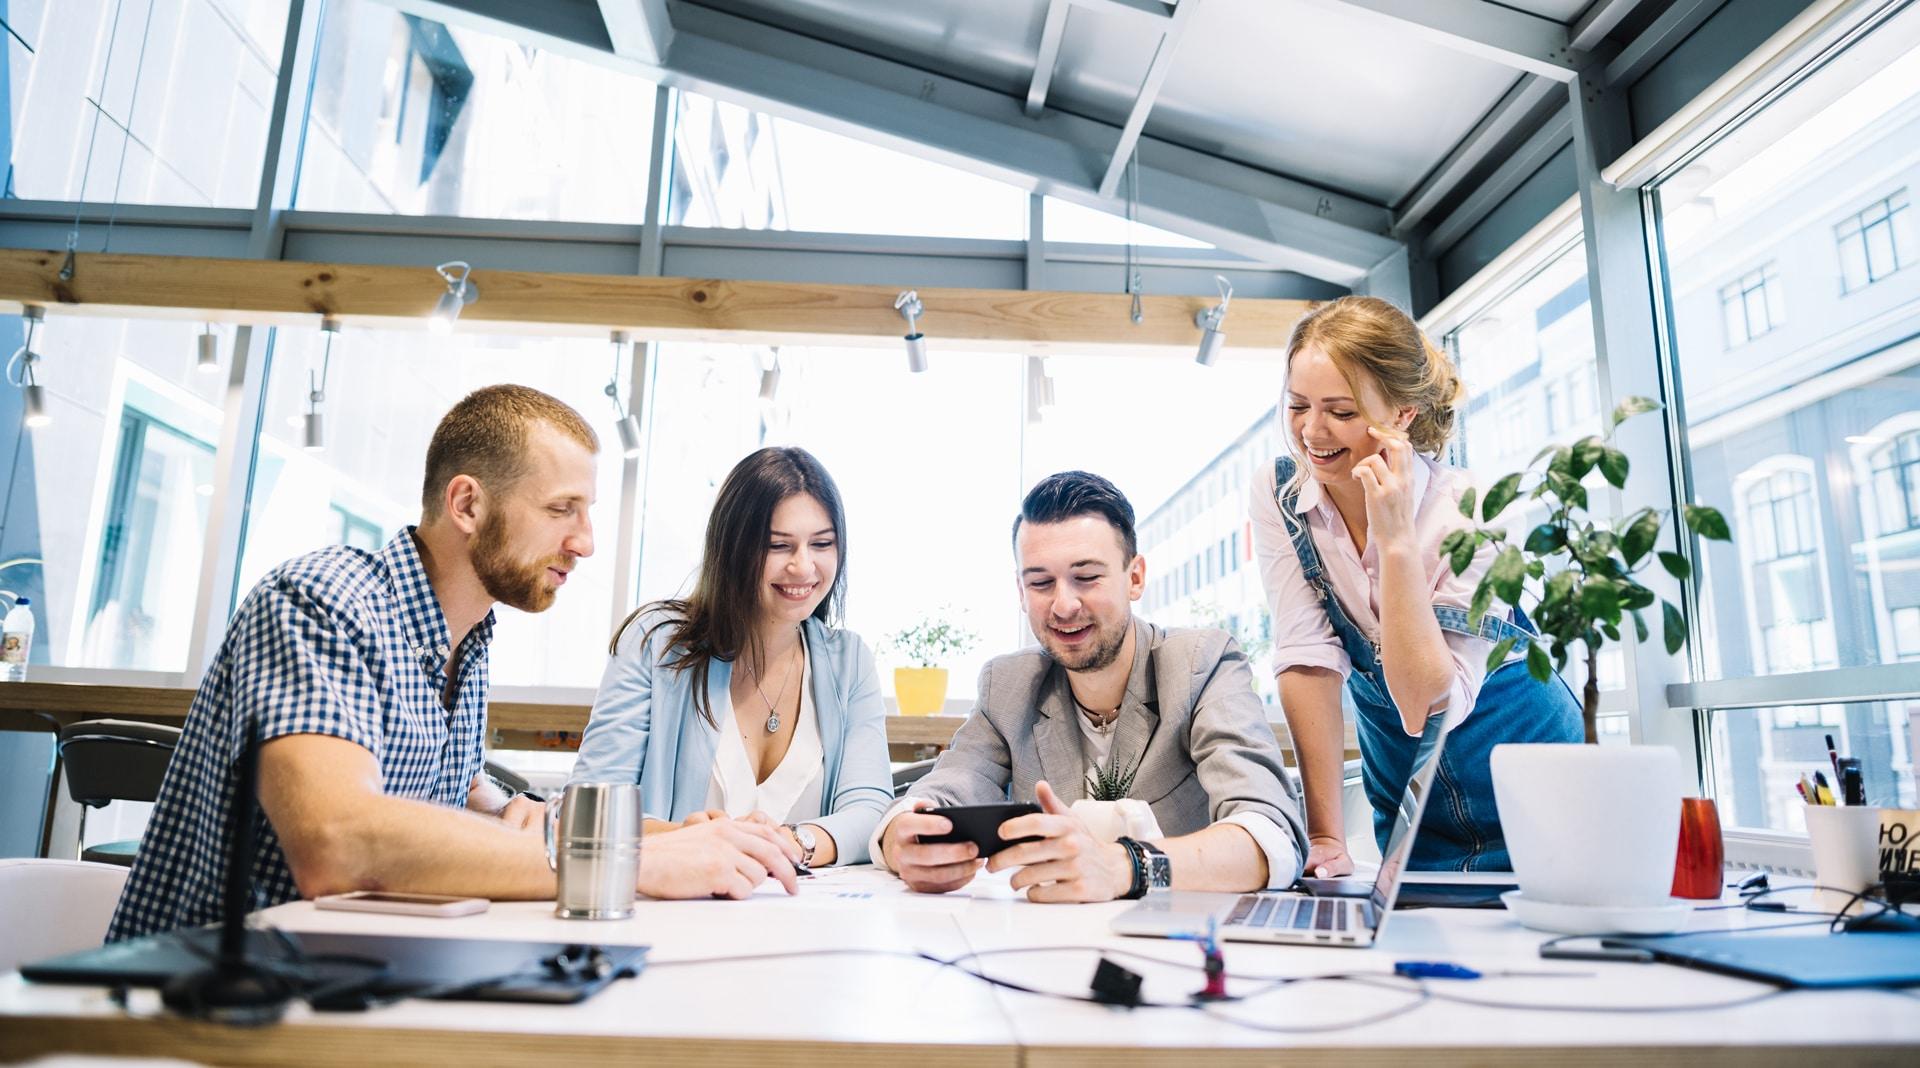 Image de couverture de: Marque employeur : 3 types d'avantages d'entreprise simples à mettre en place